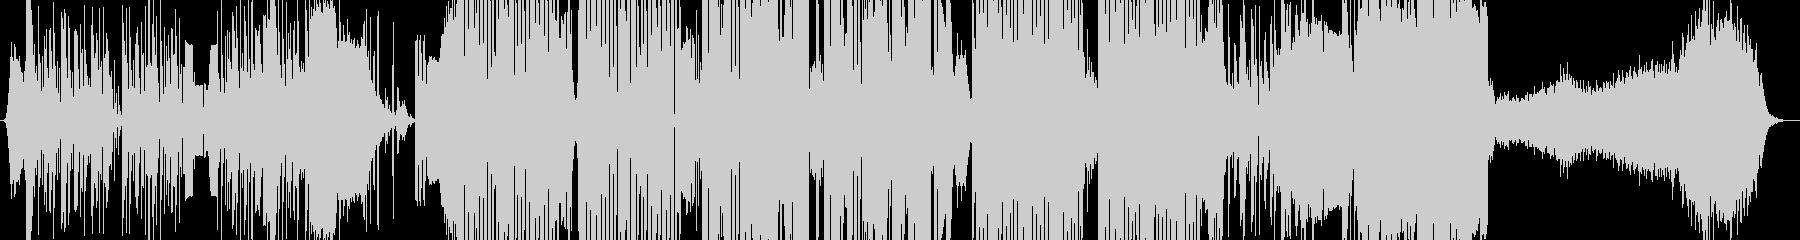 ドラムのDJスクラッチによるダンスBGMの未再生の波形